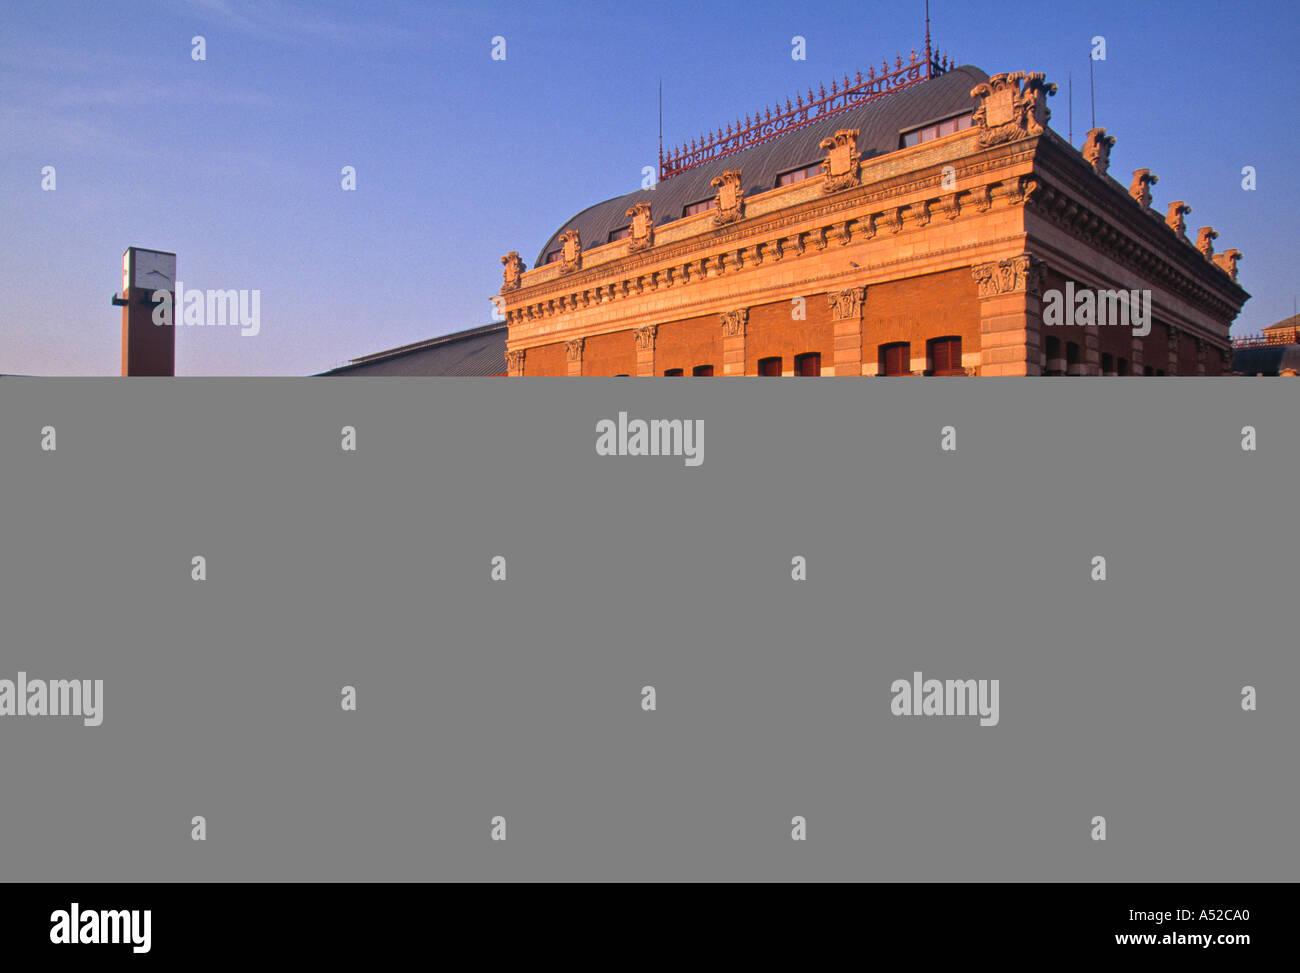 La stazione ferroviaria di Atocha, Madrid, Spagna Immagini Stock